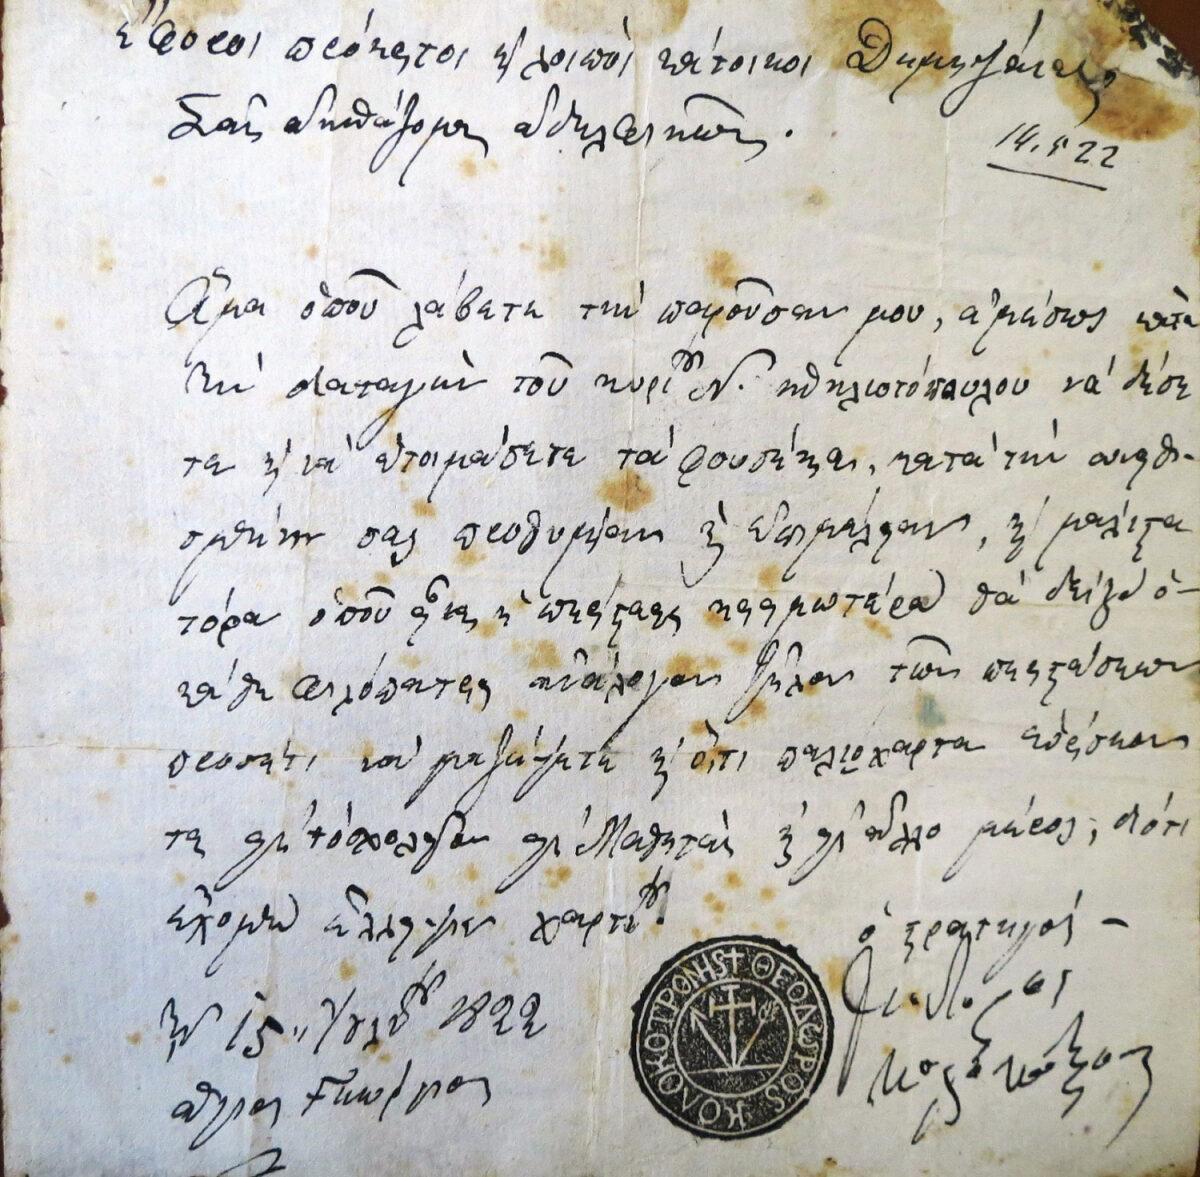 Επιστολή Κολοκοτρώνη προς προκρίτους Δημητσάνας περί συλλογής χαρτιού για κατασκευή φυσεκιών. «...να μαζέψετε και ό,τι παλιόχαρτα ευρίσκονται εις το σχολείον εις μαθητάς και εις άλλο μέρος, διότι έχομεν έλλειψιν χαρτίου». Άγιος Γεώργιος, 15 Ιουλίου 1822 (14522 ΑΙΕ ΙΕΕΕ) © ΙΕΕΕ-ΕΙΜ.